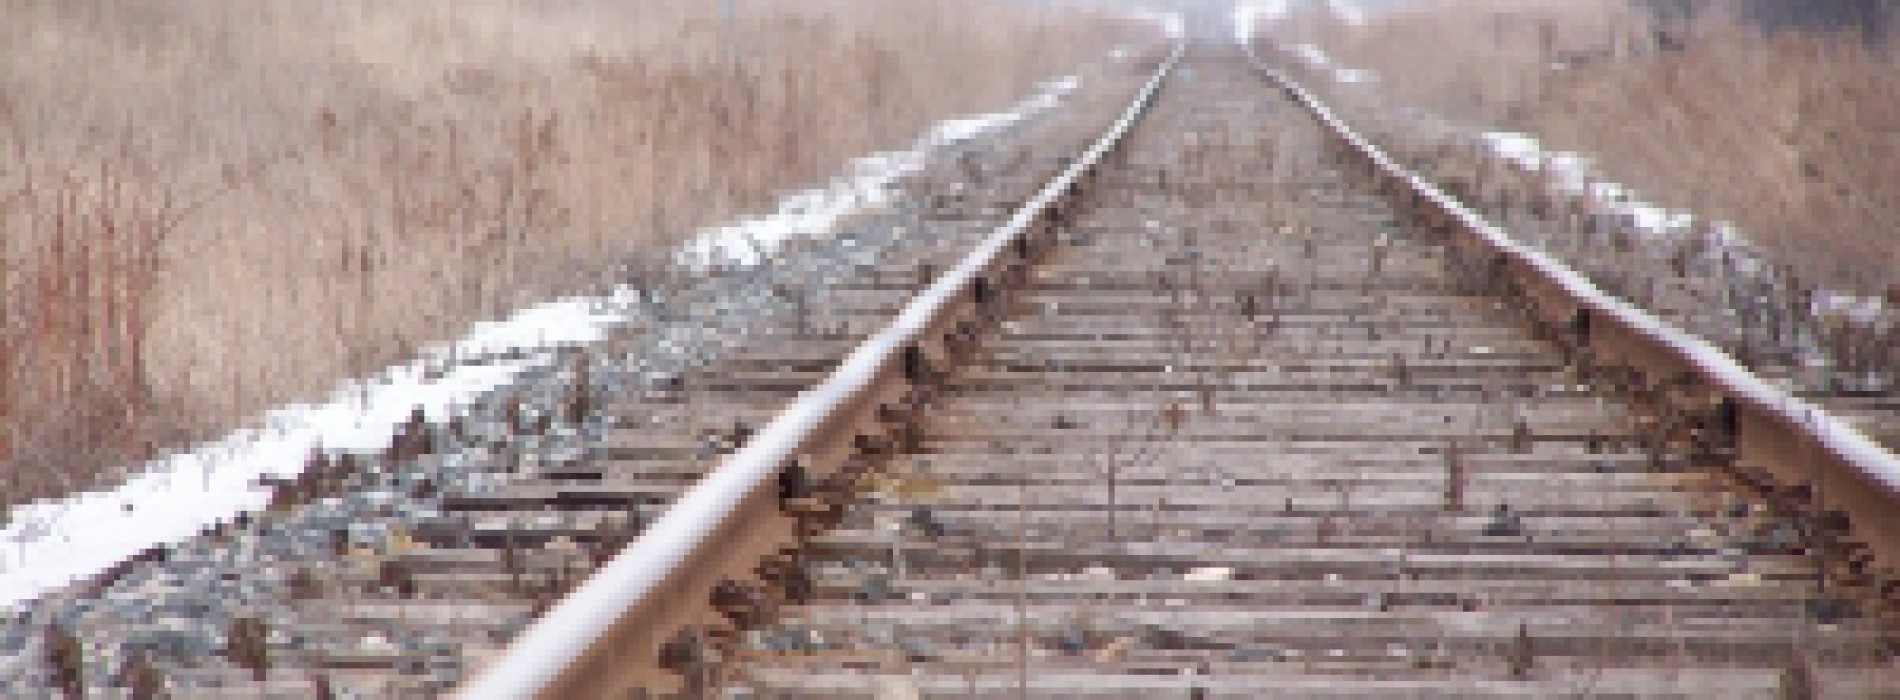 Tragiczny wypadek na przejściu kolejowym